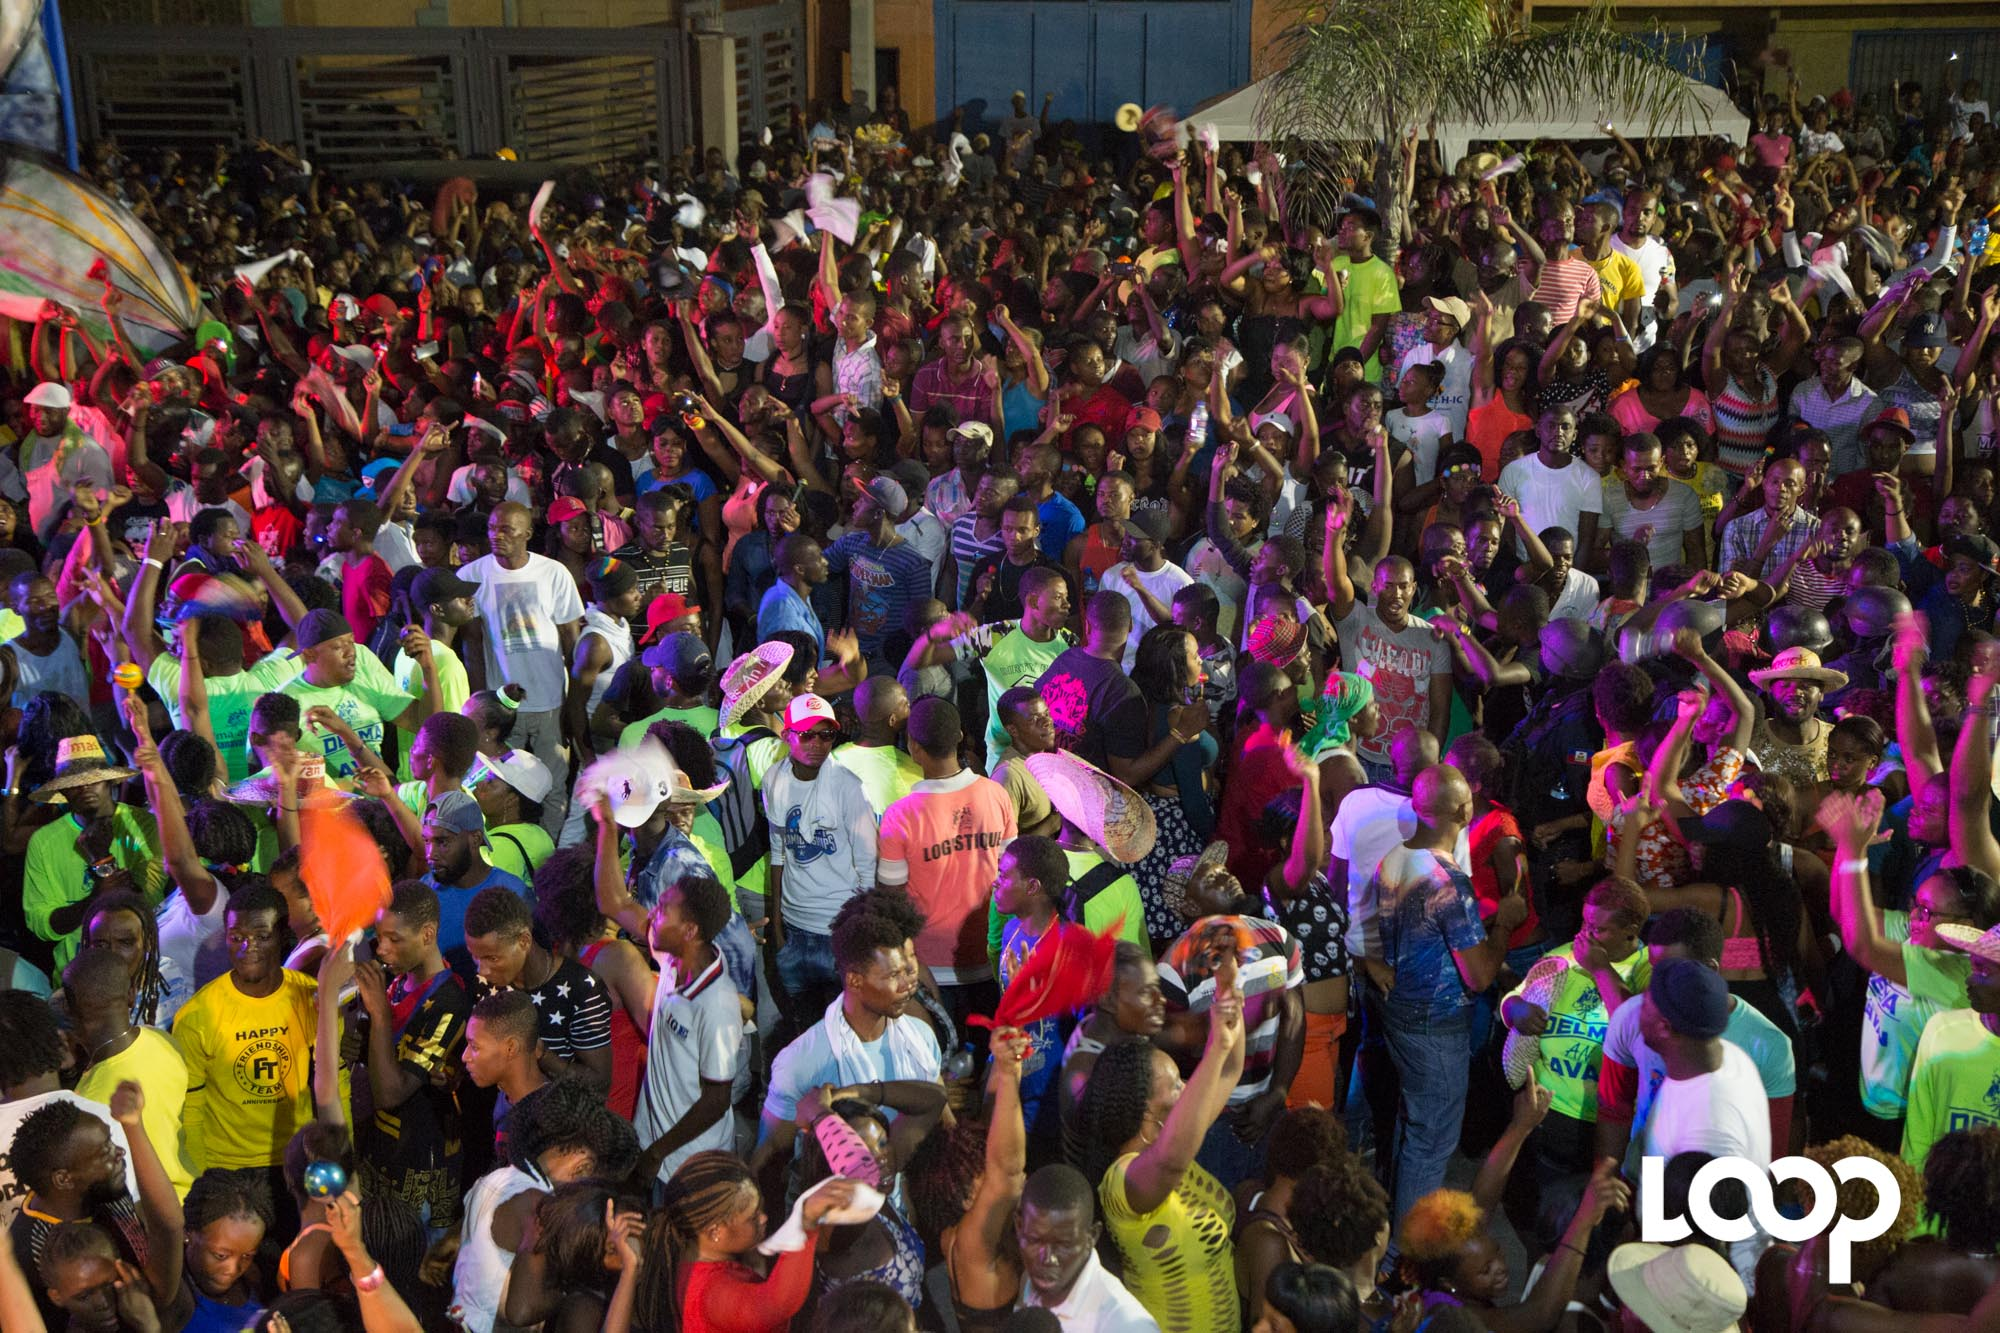 Quelque 940 policiers vont assurer la sécurité du carnaval 2018 sur le Champs de Mars. Photo: Estailove St-Love/LoopHaïti